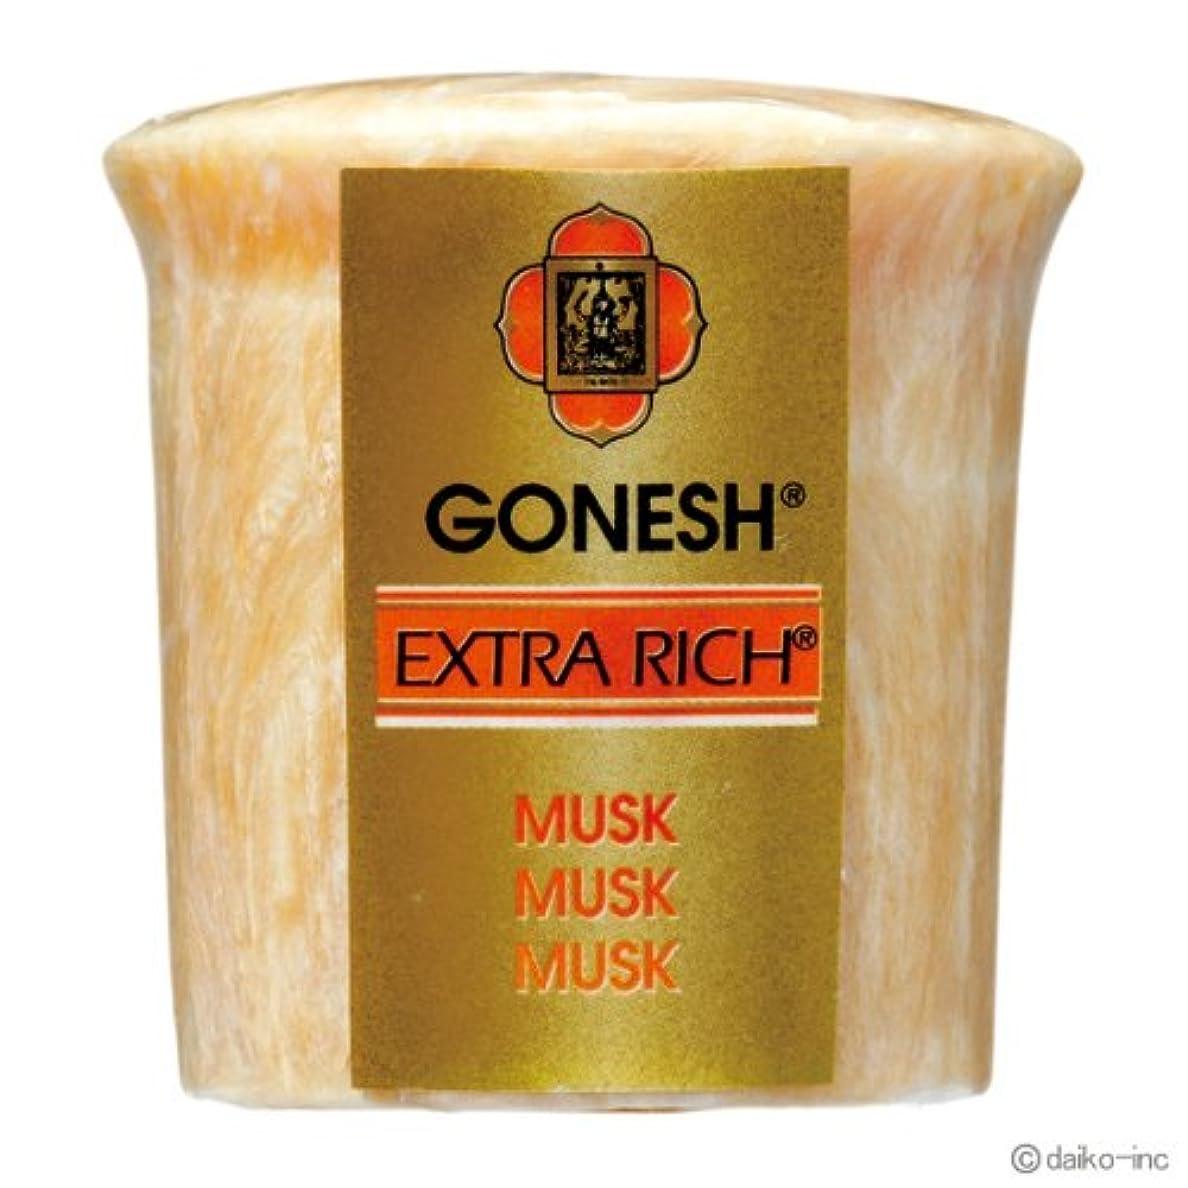 昇る放出反応するガーネッシュ GONESH エクストラリッチ ムスク アロマキャンドル 10個セット